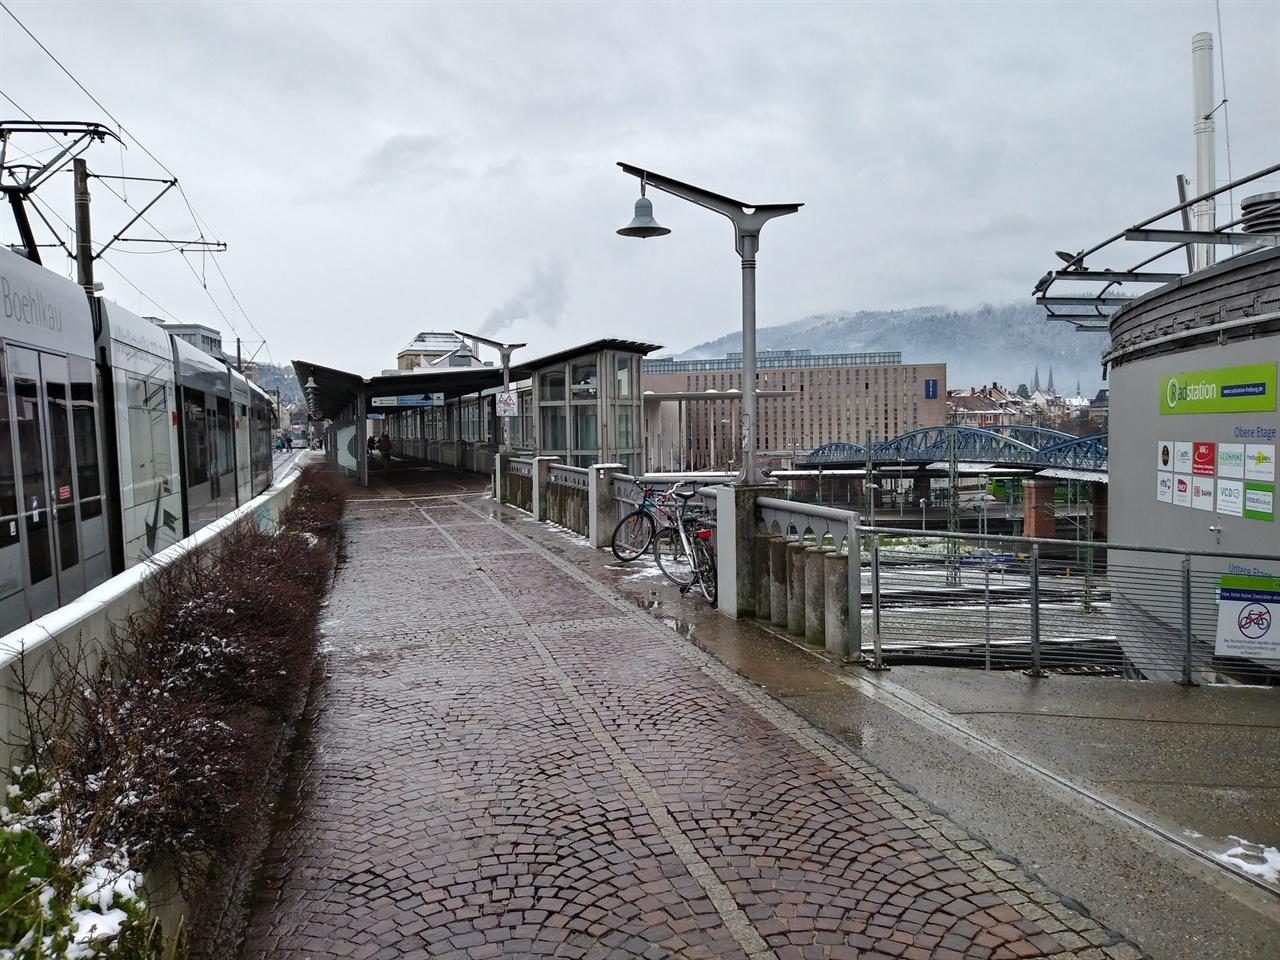 프라이부르가 '환경수도'롤 불리는 이유 기차역과 트램 정류장, 자전거 전용주차장이 곧장 연결된 모습. 트램이 달리는 육교 아래가 기차역이고, 오른편 초록색 원형 건물이 자전거 전용주차장이다.